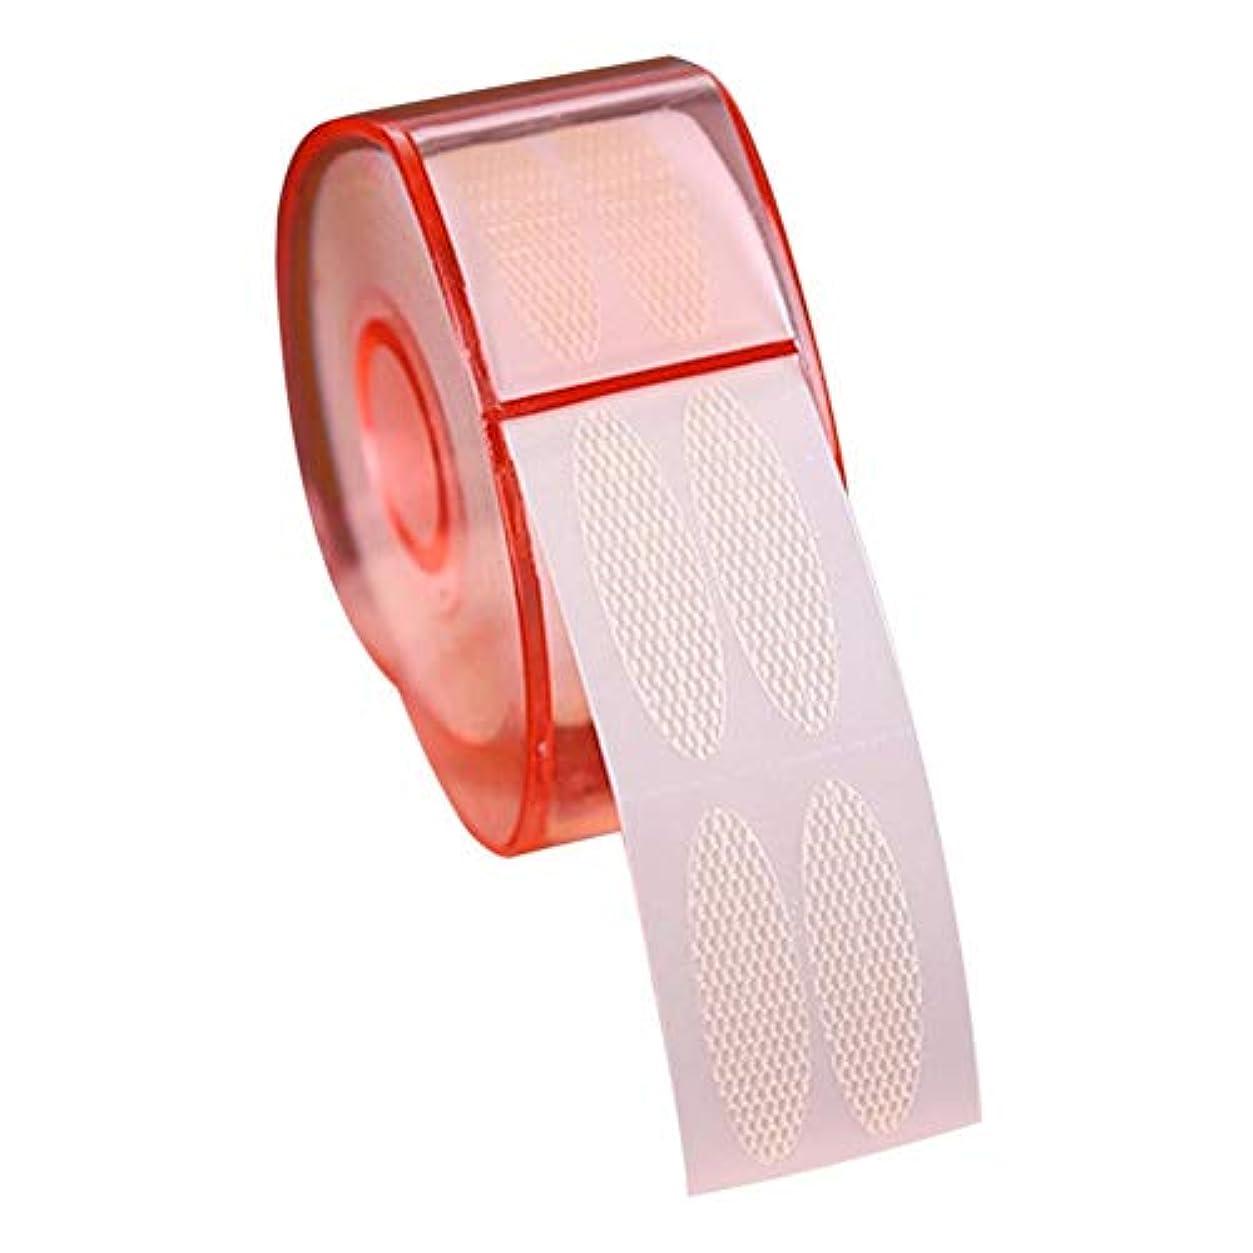 全滅させる悩む致命的Ragem 二重まぶたステッカー 二重まぶたテープ 見えない レース テープロール 通気性 防水 ナチュラル 魅力的 2タイプ